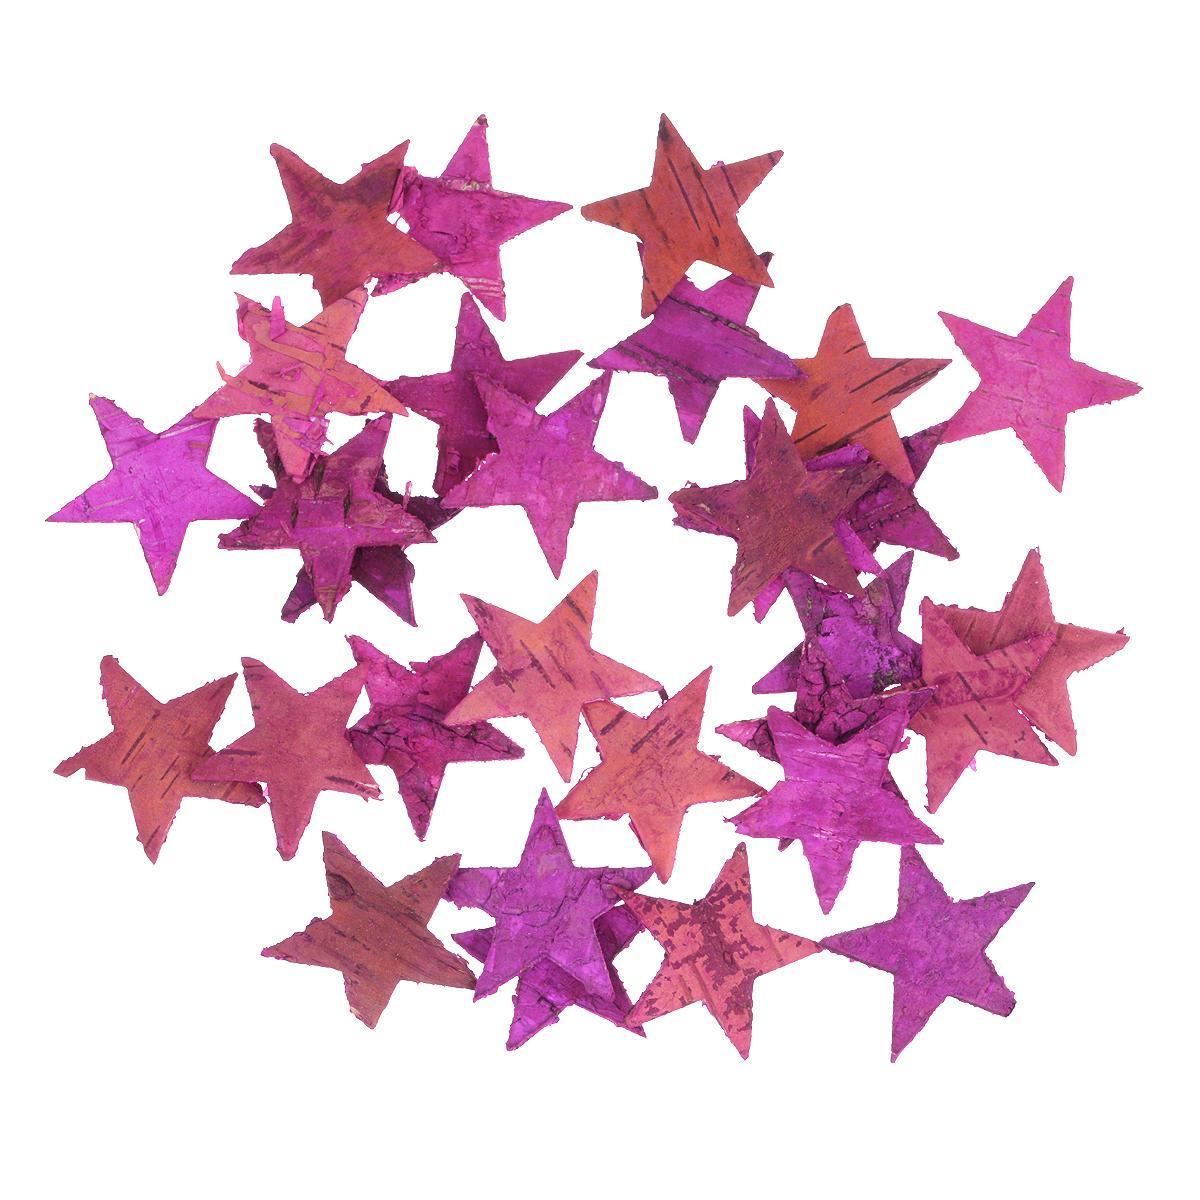 Декоративный элемент Dongjiang Art Звезда, цвет: розовый, 30 штRSP-202SДекоративный элемент Dongjiang Art Звезда, изготовленный из натуральной коры дерева, предназначен для украшения цветочных композиций. Изделие можно также использовать в технике скрапбукинг и многом другом. Флористика - вид декоративно-прикладного искусства, который использует живые, засушенные или консервированные природные материалы для создания флористических работ. Это целый мир, в котором есть место и строгому математическому расчету, и вдохновению.